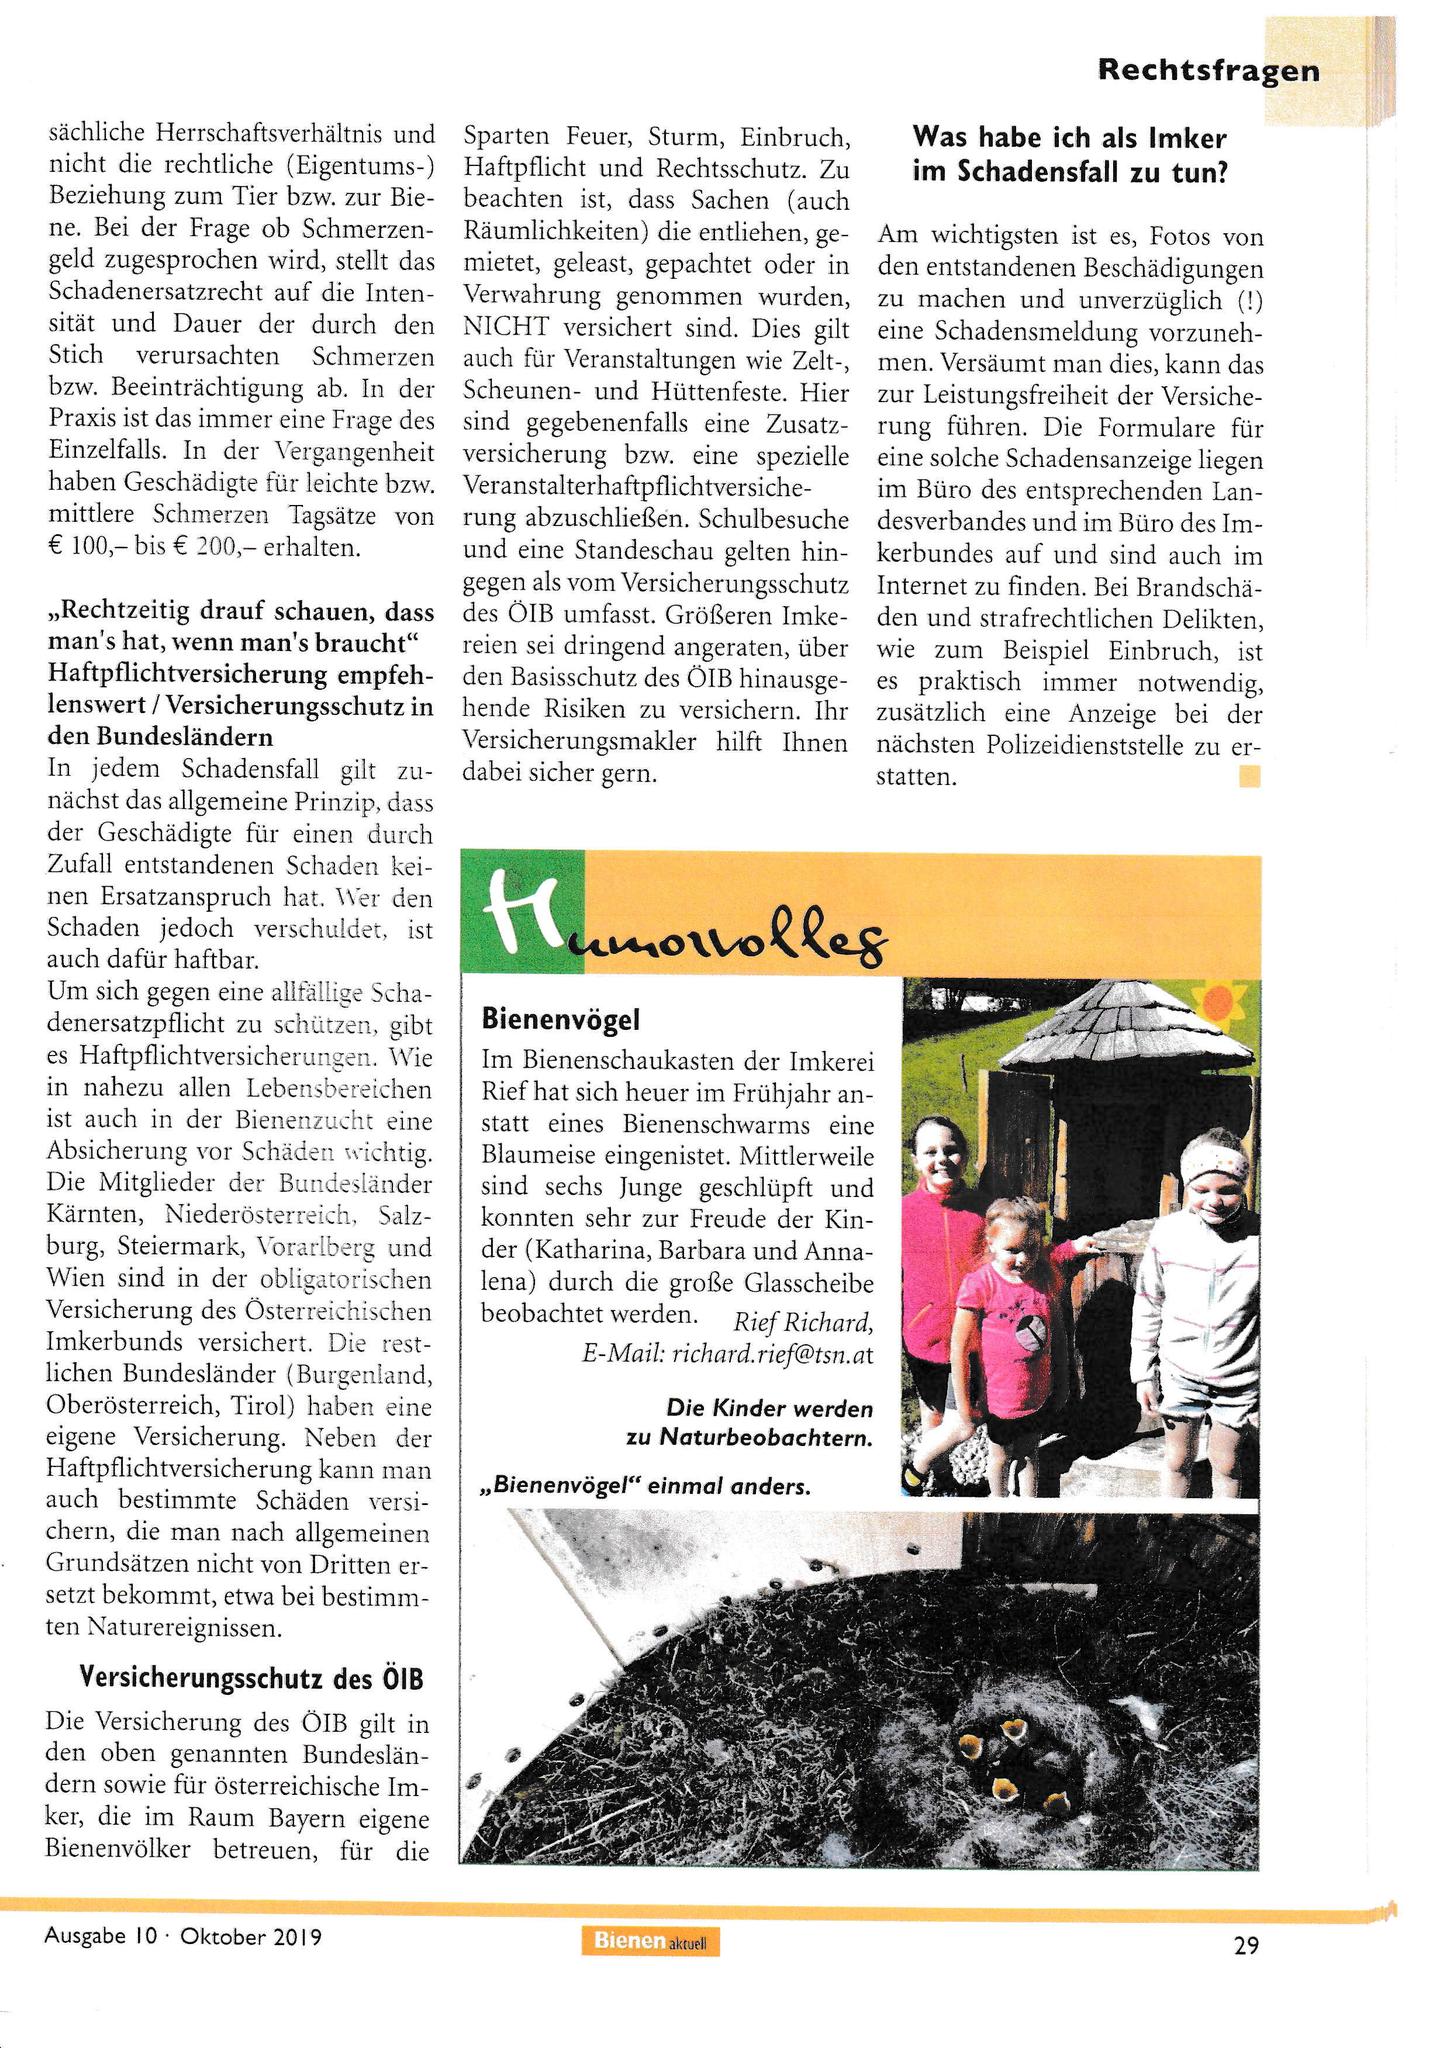 """Humorvolles in """"Bienen aktuell"""" - 2019"""